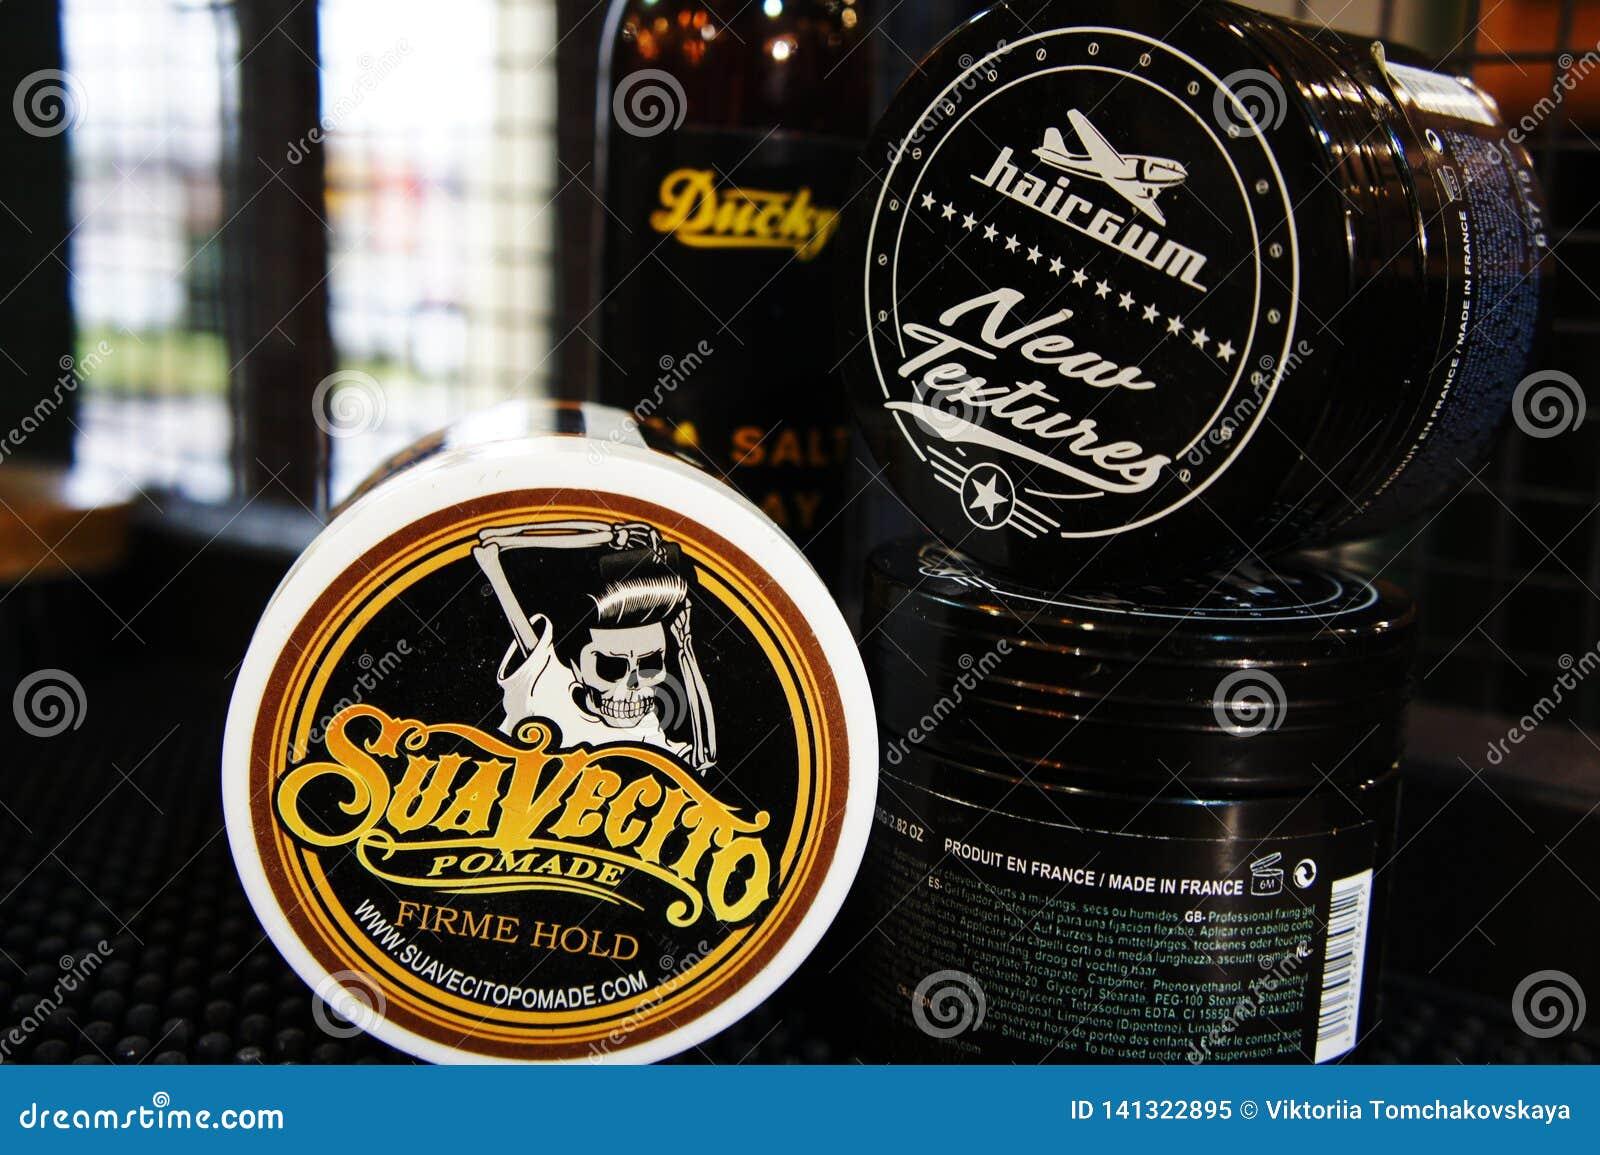 Гель для мужского дизайна - SuaVecito, hairgum, ducky владение firme pomade сильное ультрамодный дизайн парикмахерскаи